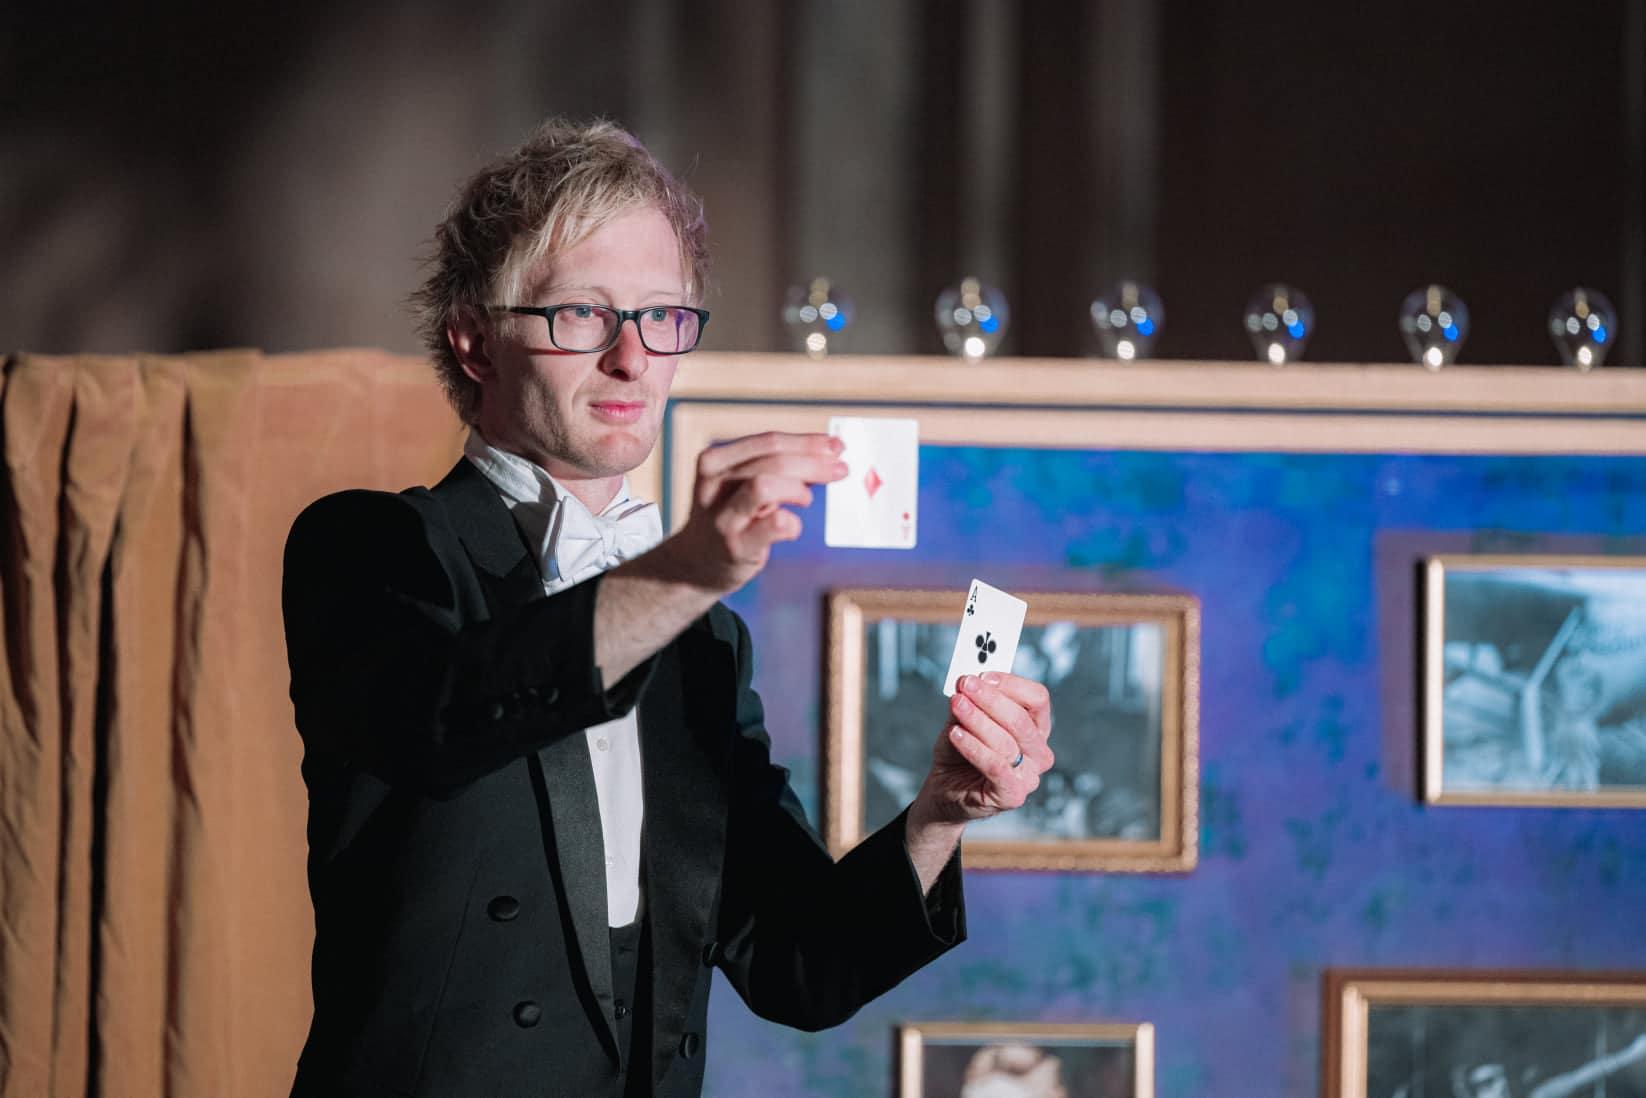 A magician doing a card trick in a magic show.